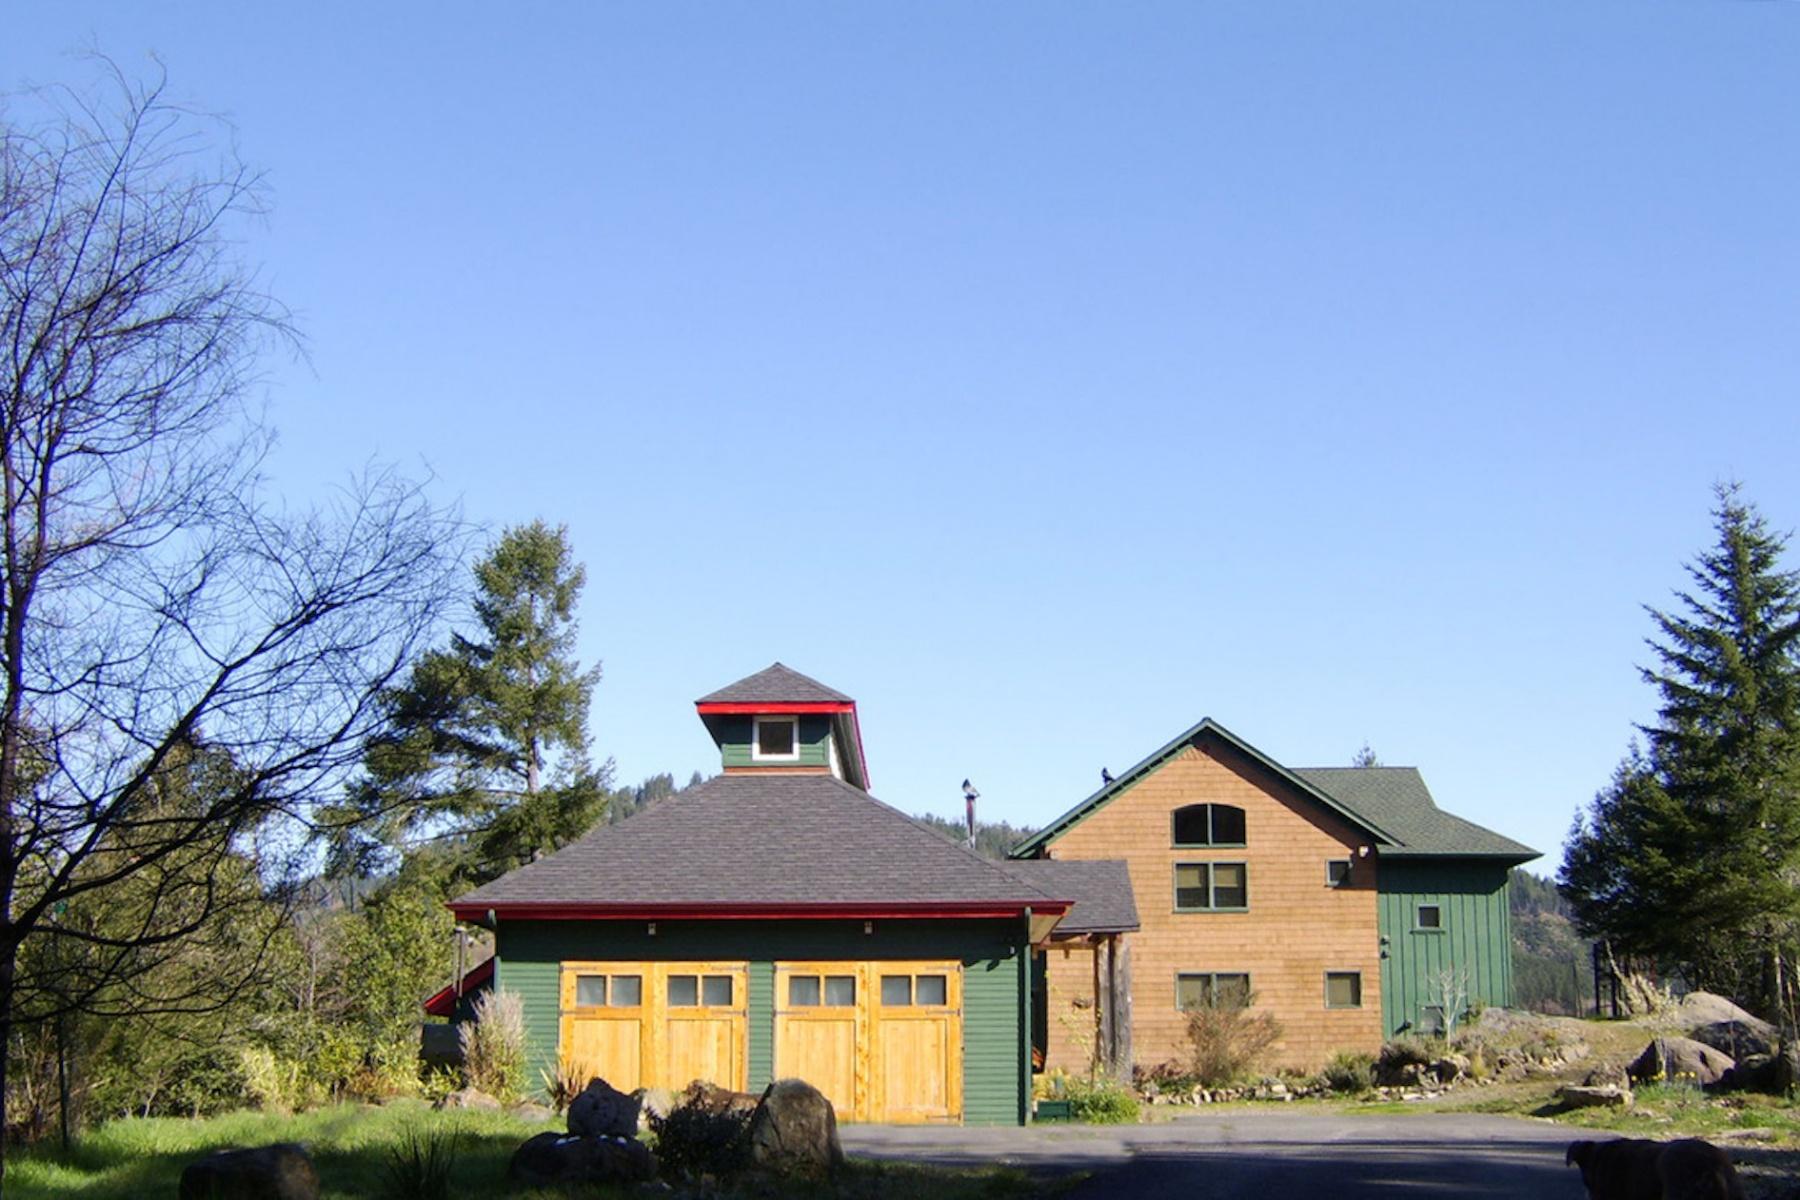 Maison unifamiliale pour l Vente à 16755 SALMONBERRY RD, BROOKINGS Brookings, Oregon 97415 États-Unis